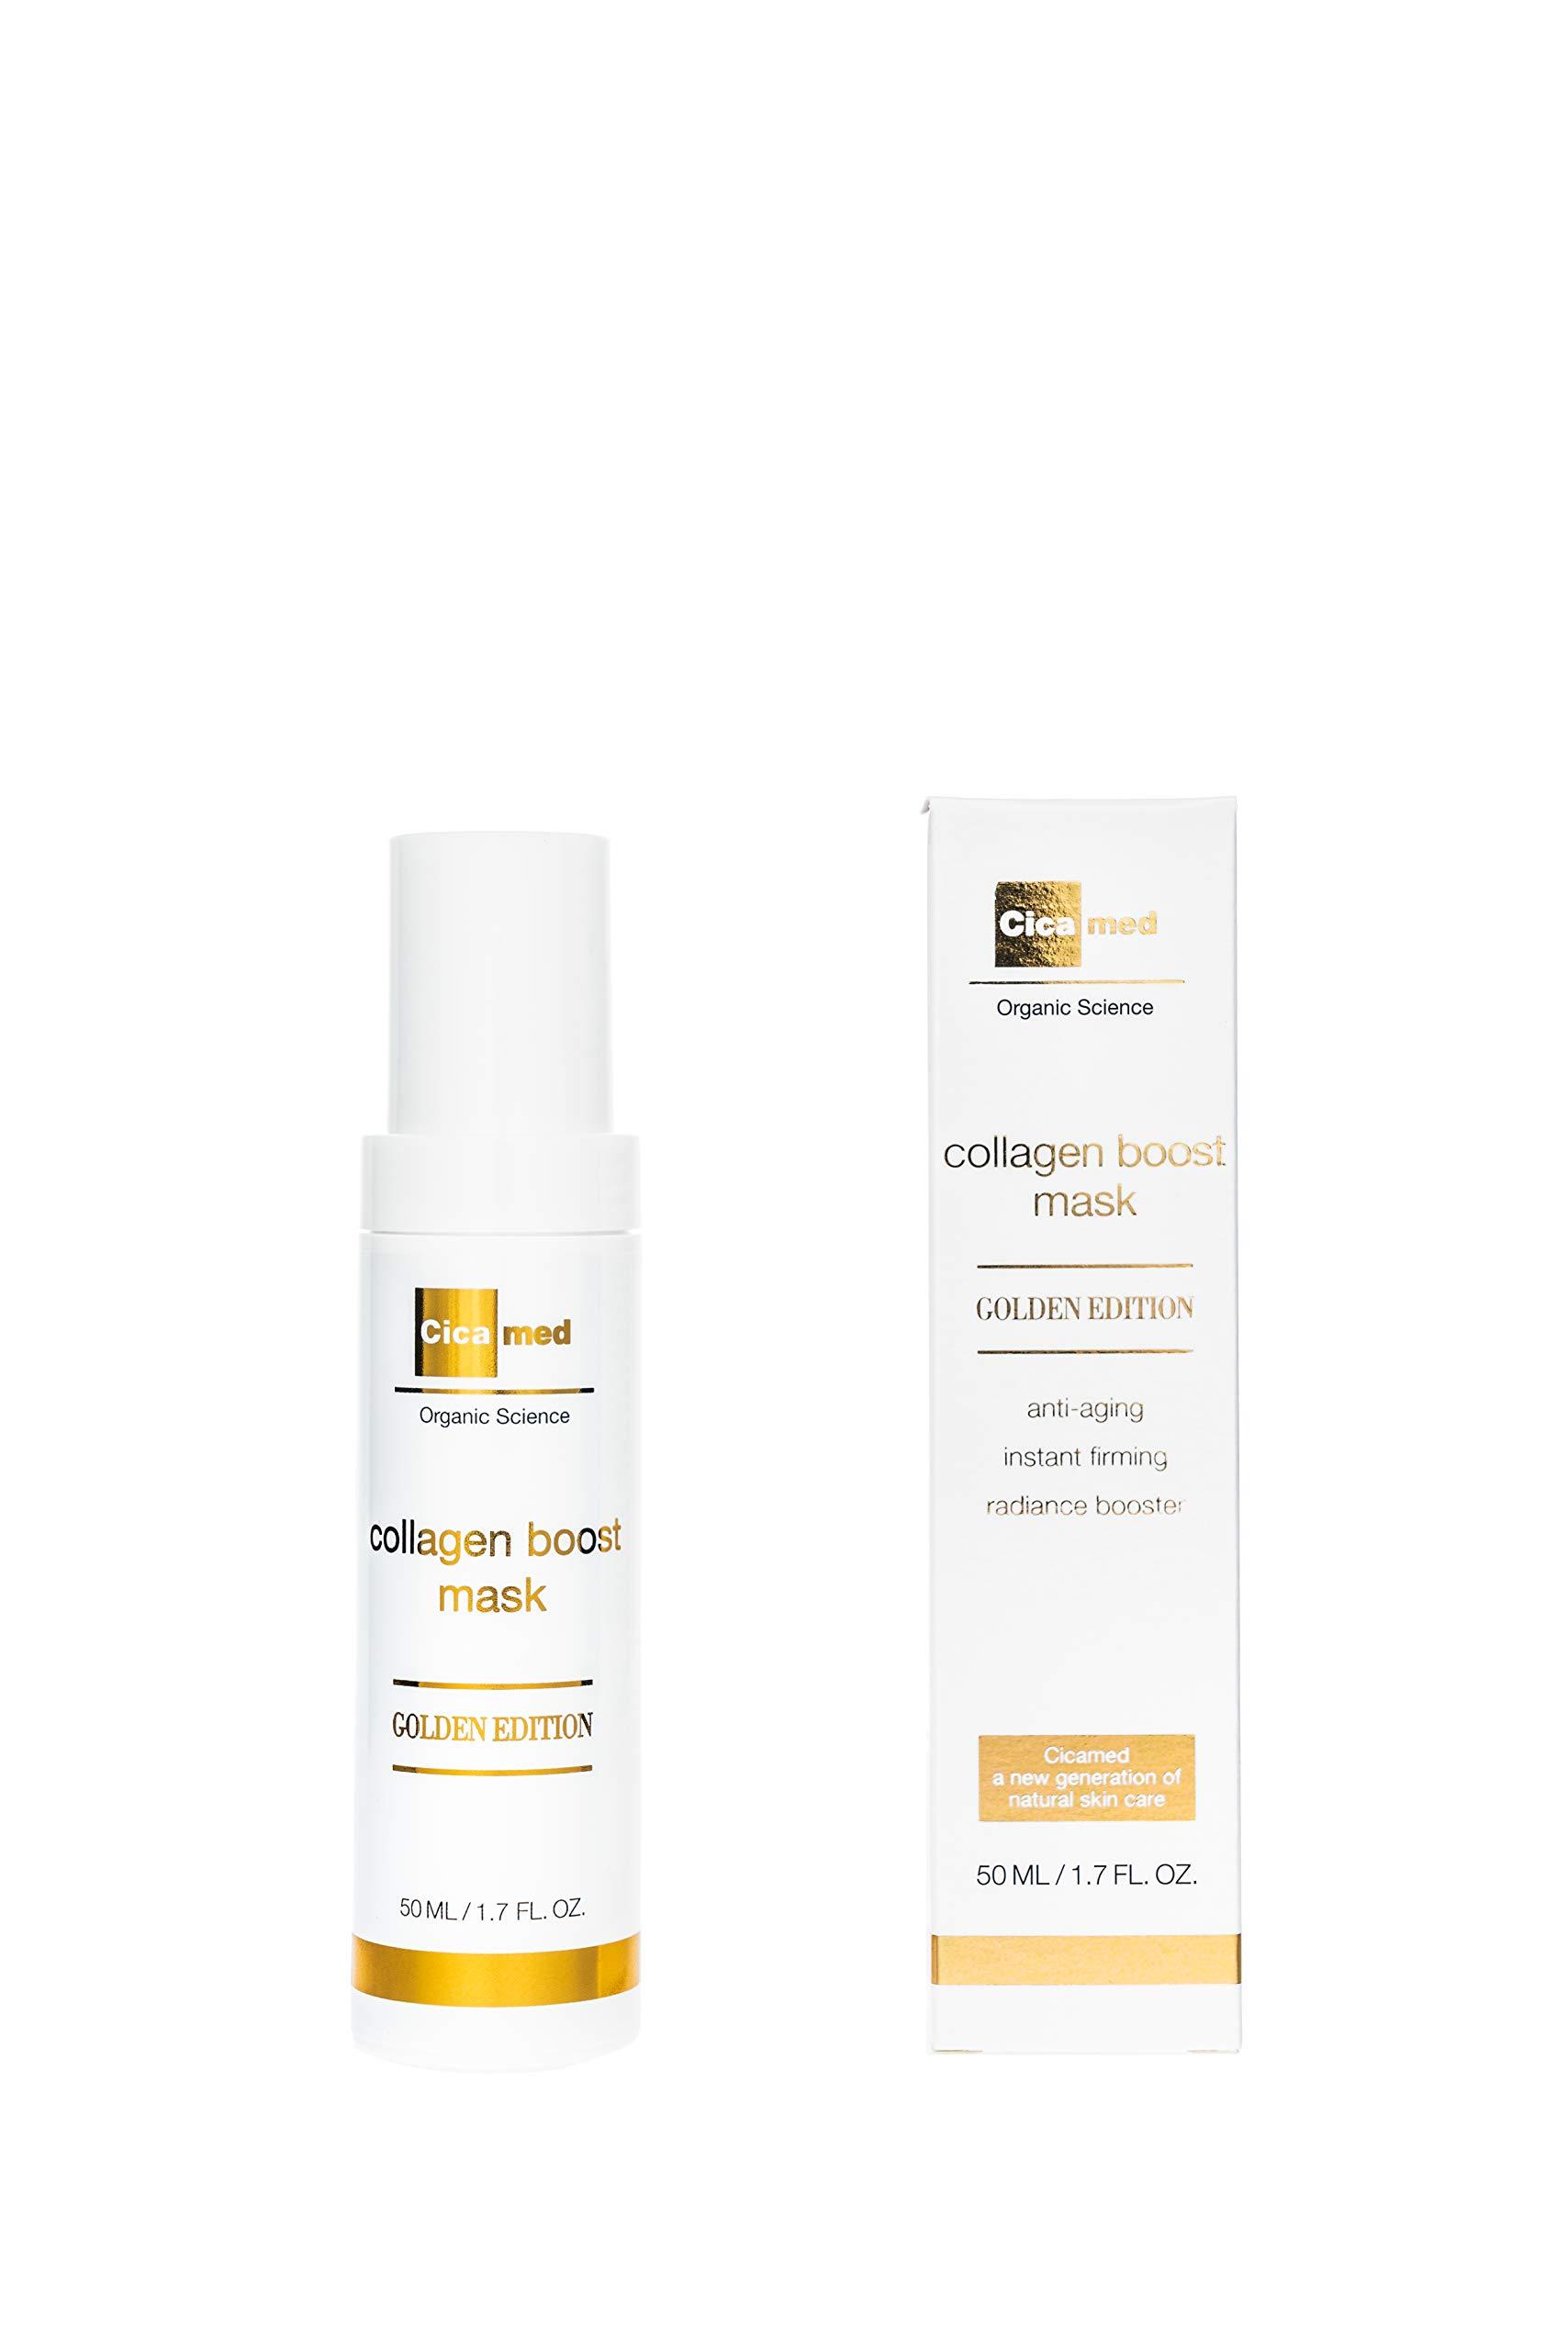 cicamed collagen boost mask